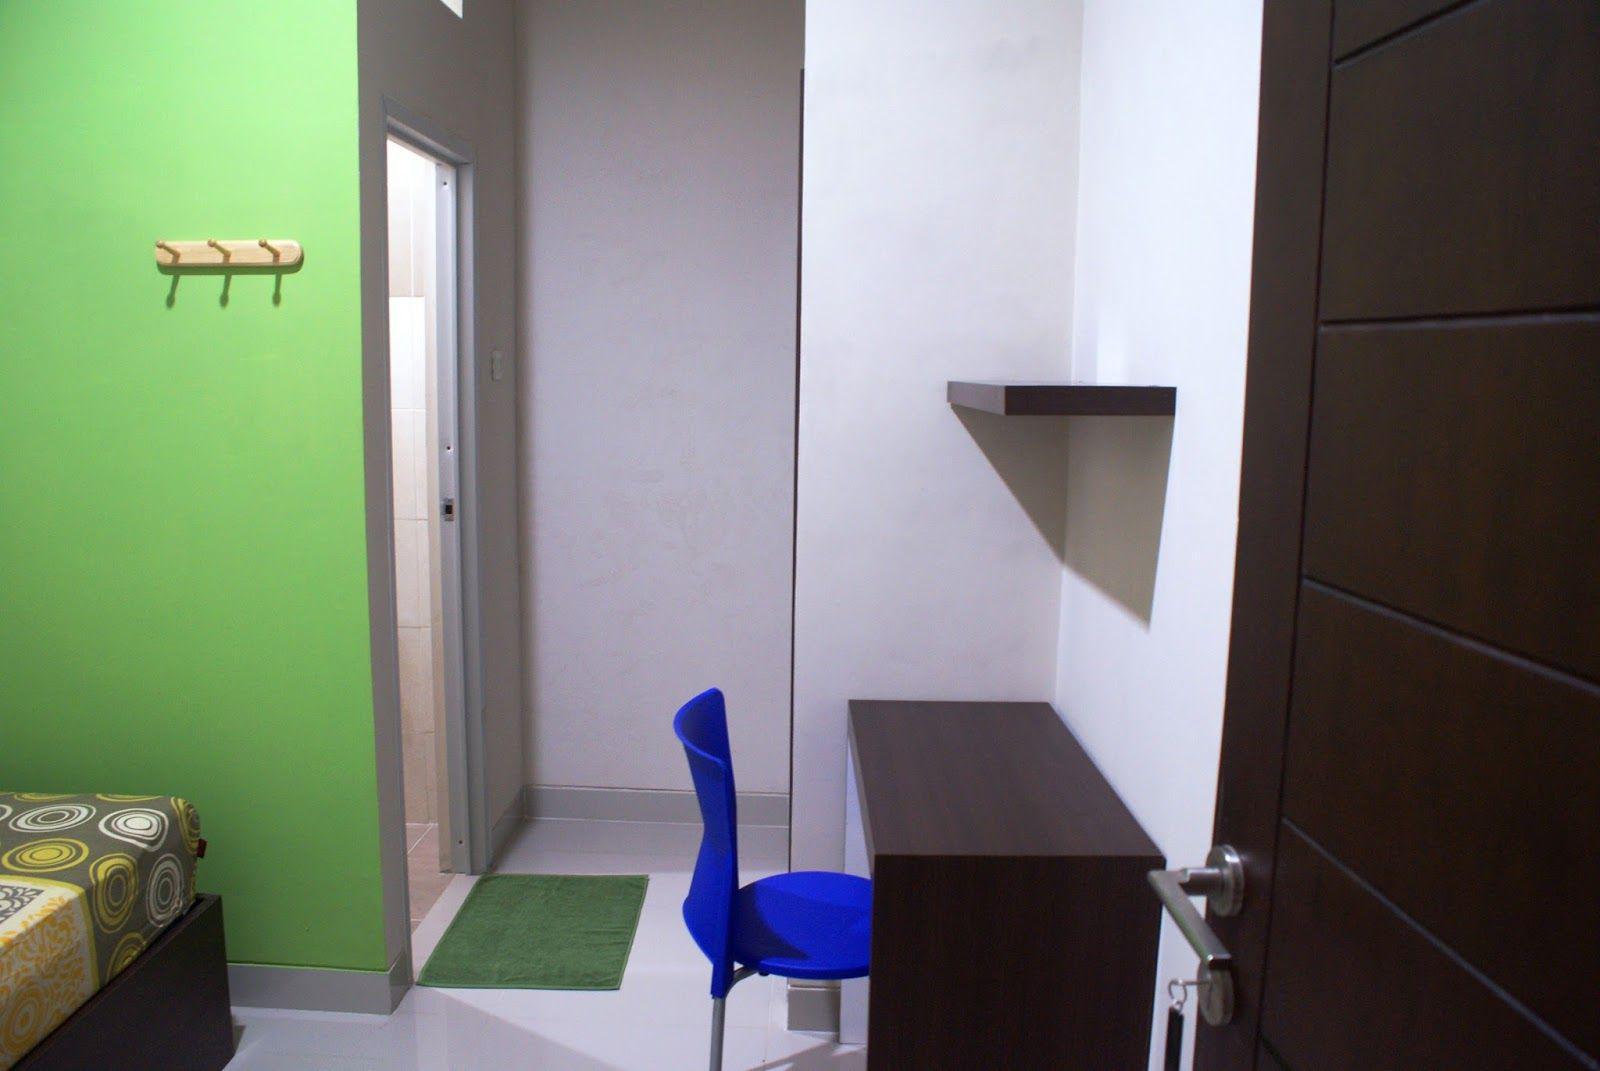 Graha Rumah News Desain Kamar Kos Kamar Mandi Dalam